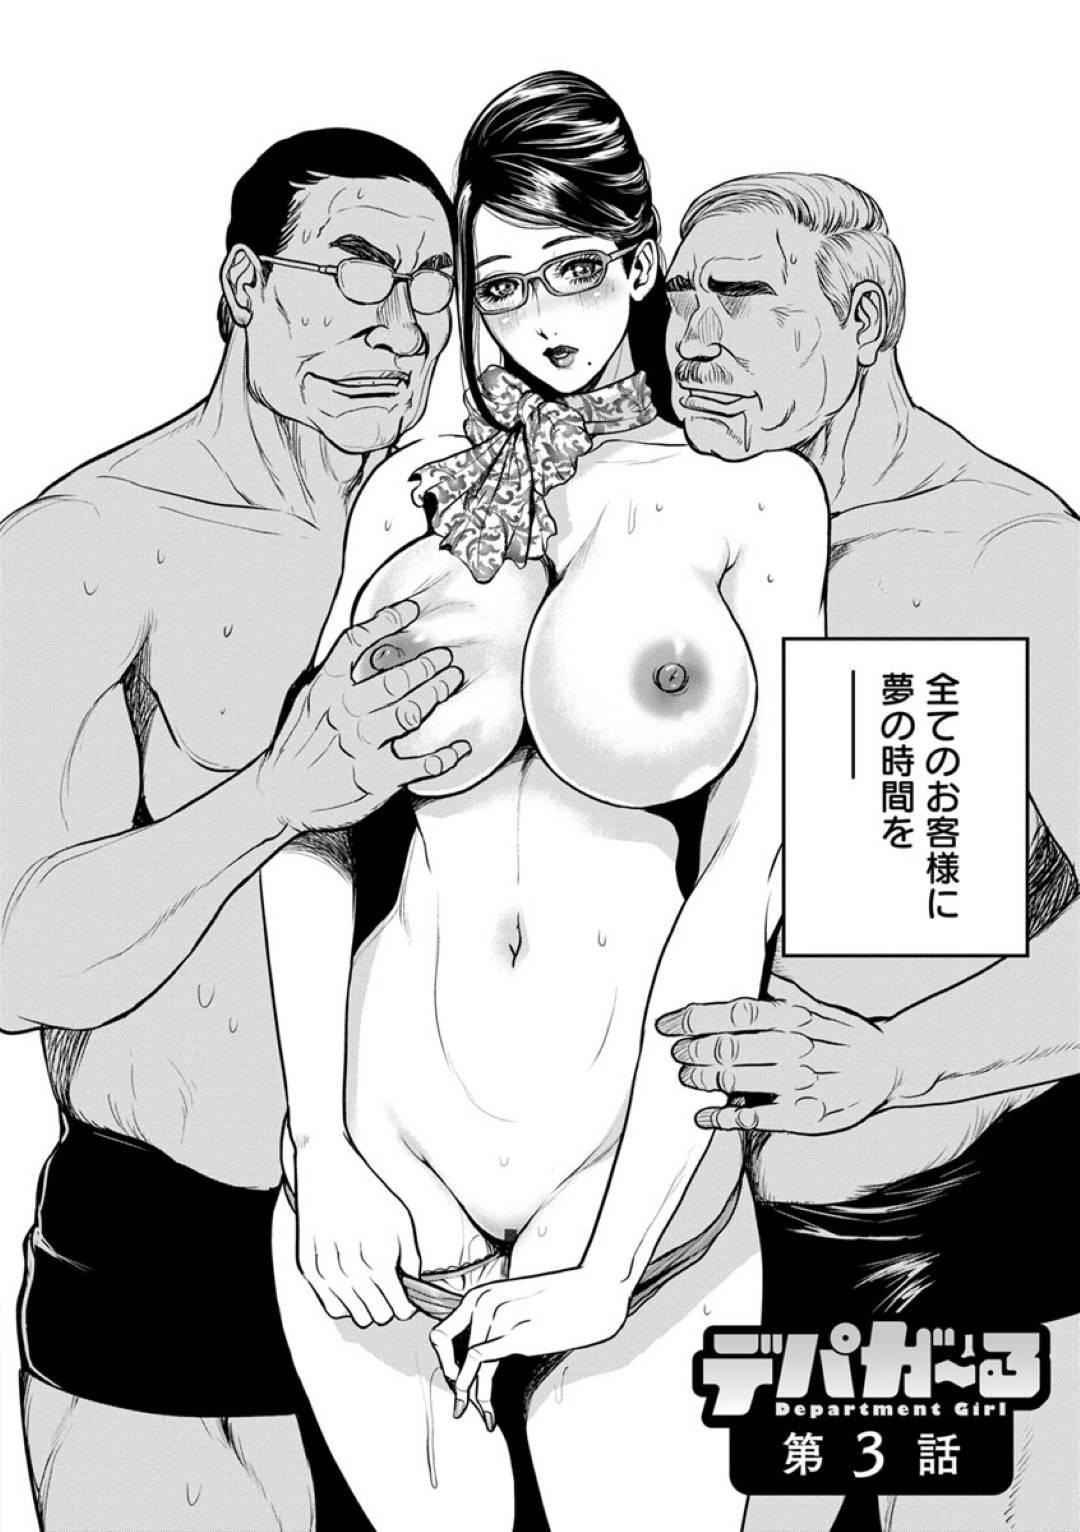 【エロ漫画】百貨店で女性の買い物を待っている男性客にエッチなサービスを行う巨乳ムチムチ従業員。会員専用スペースへと二人の客を案内した彼女は二人に乳首舐めをさせたり、クンニさせたり、フェラやパイズリしたりとやりたい放題にご奉仕しまくる!